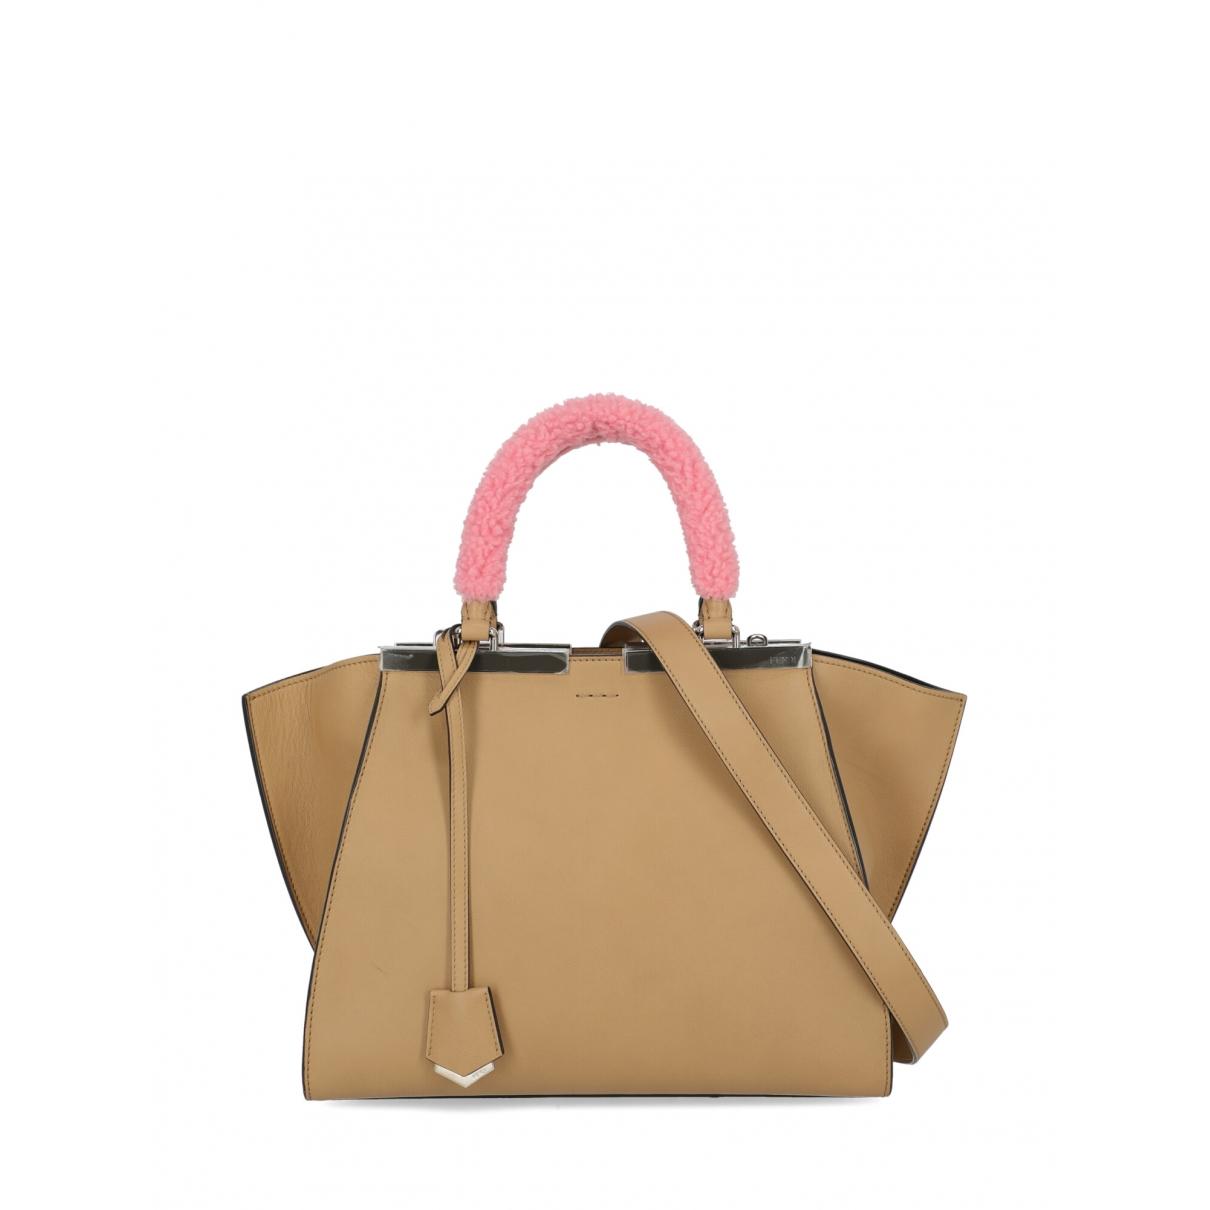 Fendi 3Jours Beige Leather handbag for Women \N